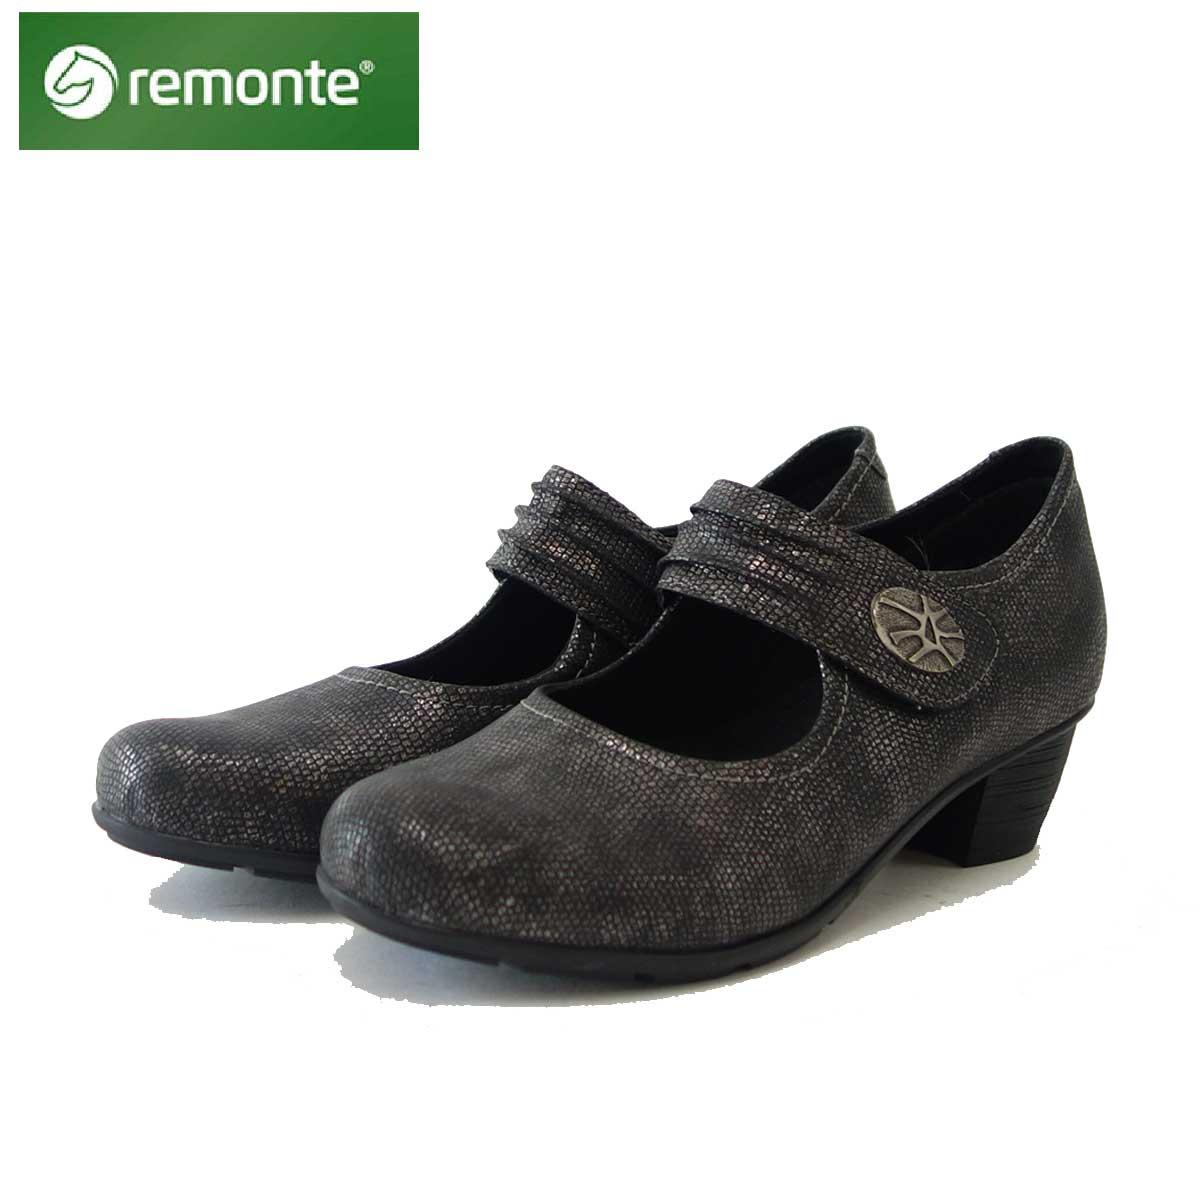 レモンテ REMONTE 7500 90 シルバー/プラチナ お洒落で履き良いストラップパンプス「靴」